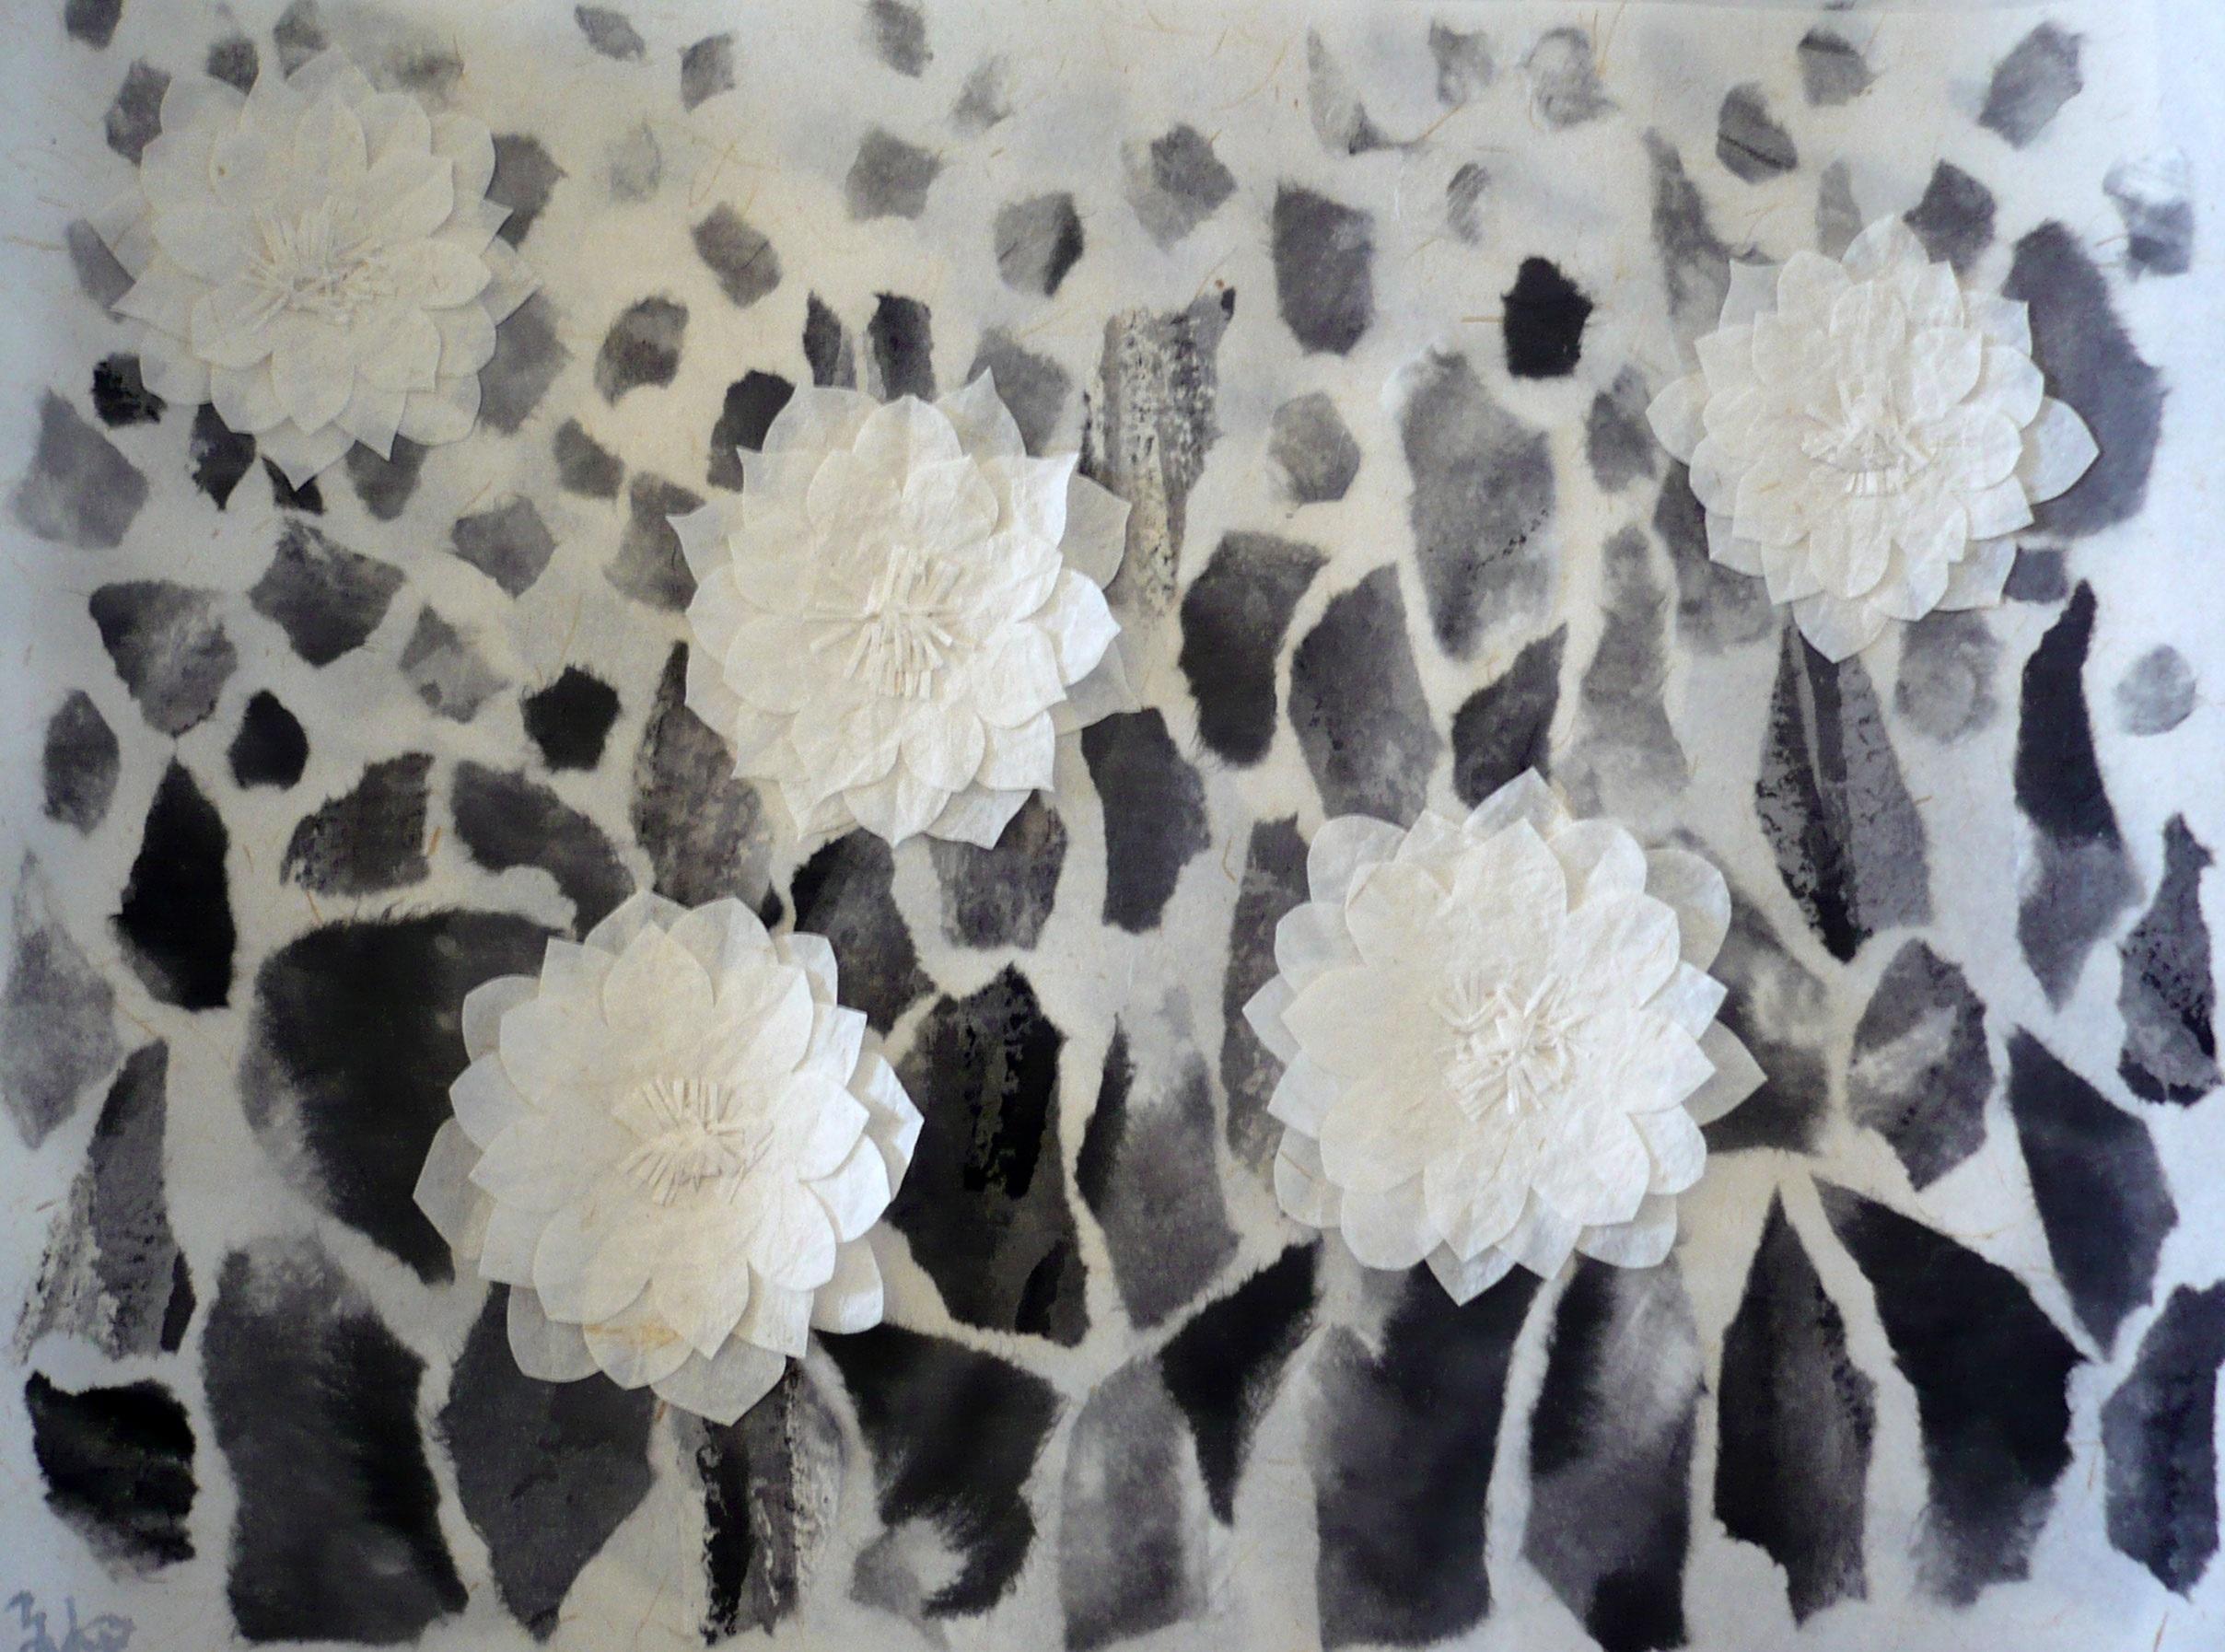 (عمل للفنانة اليابانية يوكو كاواغوتشي، من المعرض)